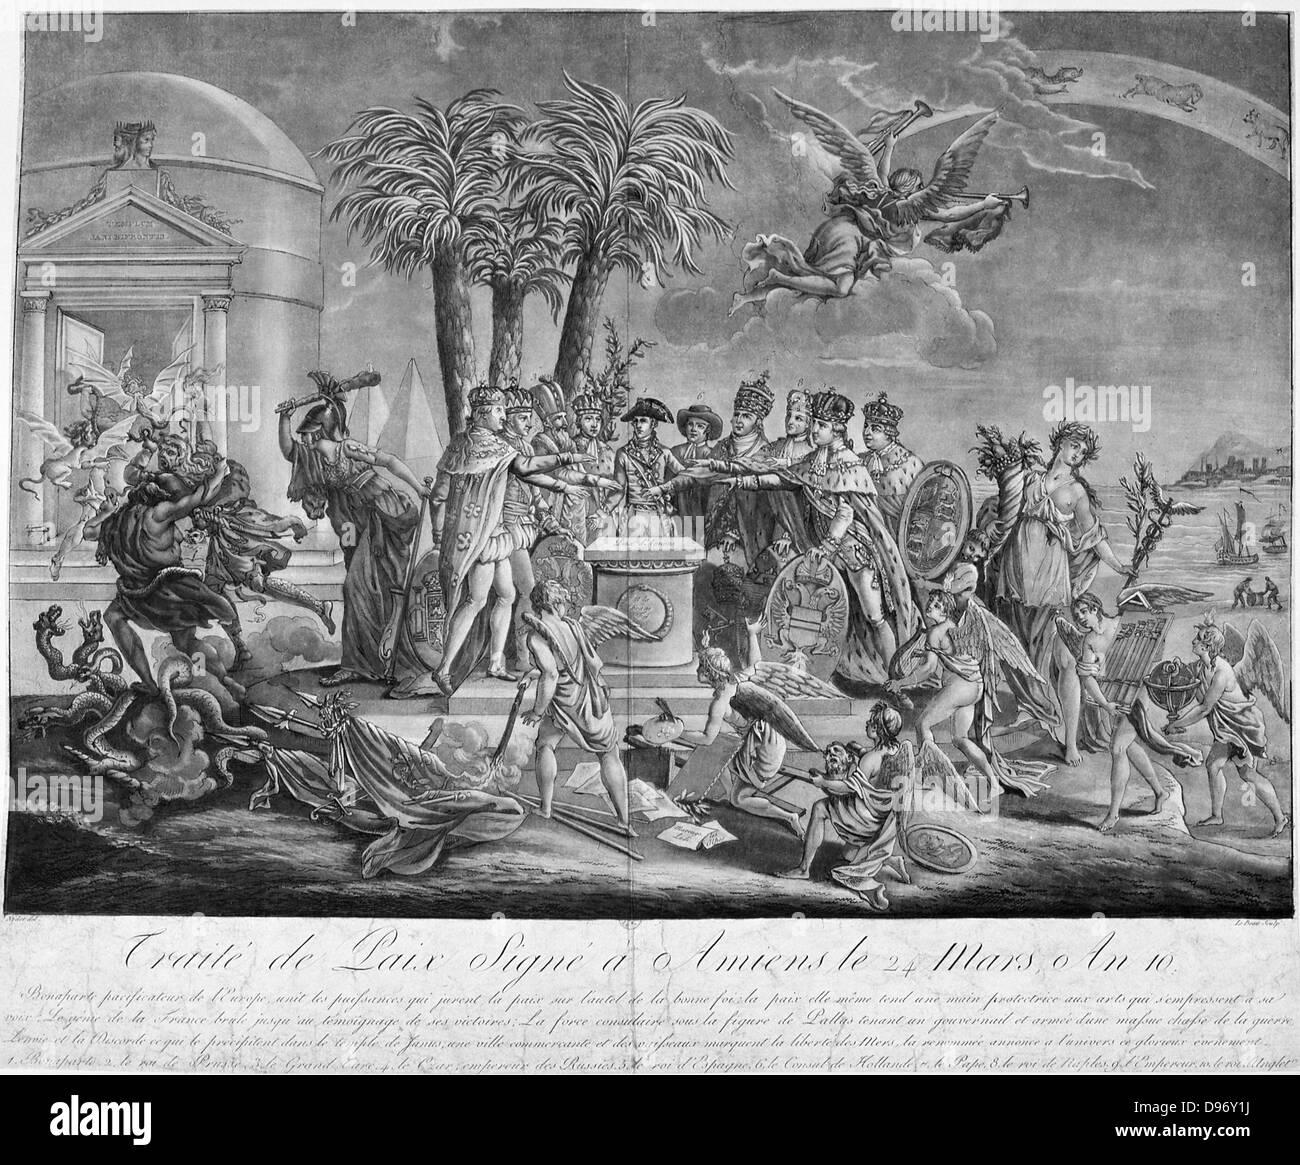 L'incisione per celebrare la firma del Trattato di Amiens 25 marzo 1802, trattato di pace tra la Gran Bretagna Immagini Stock